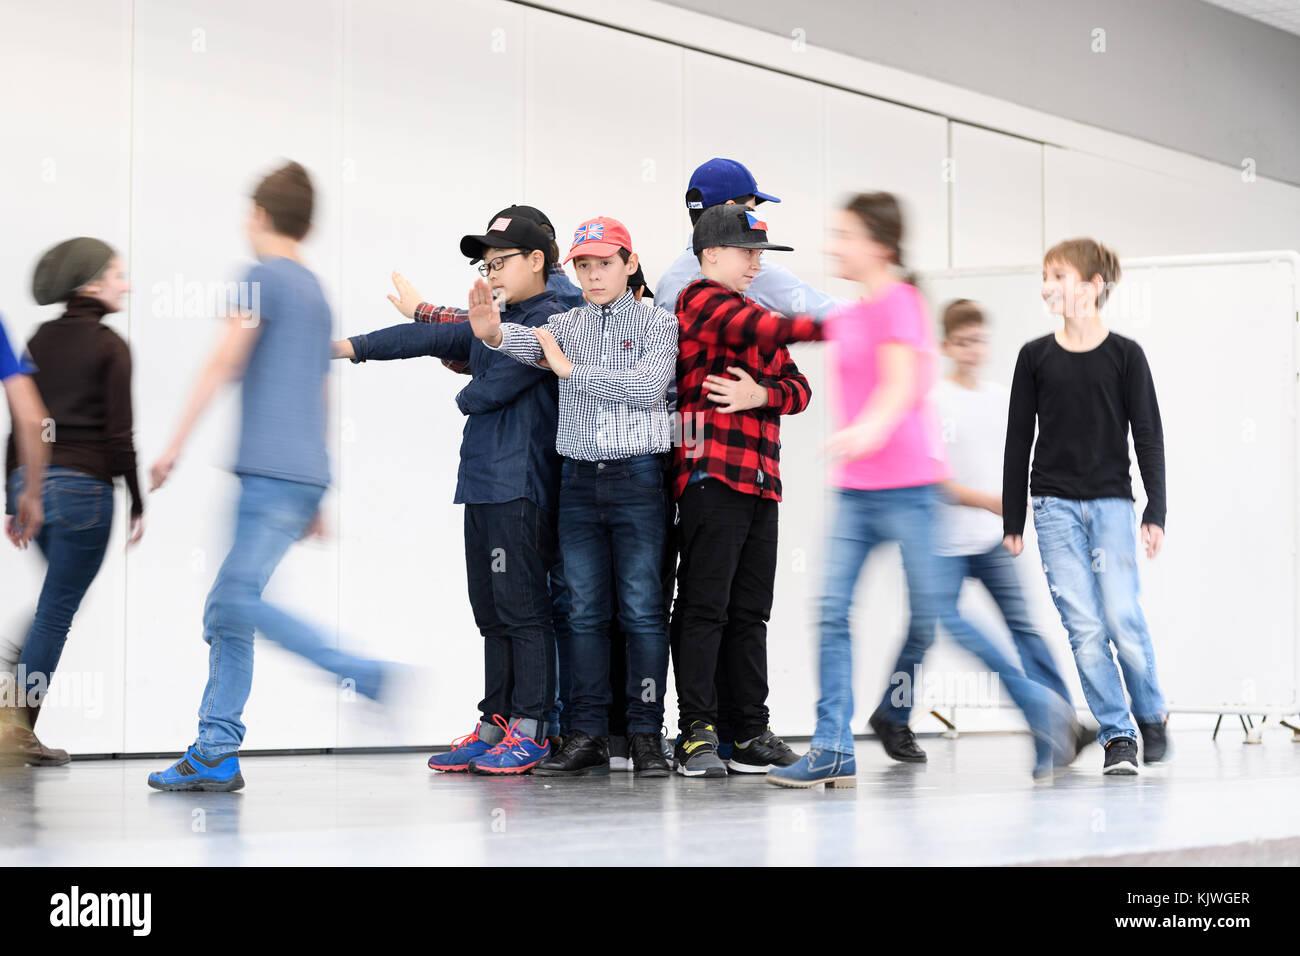 Karlsruhe, Deutschland. 27th Nov, 2017. Schuelerauffuehrung/Theater. GES/ Sportart/ Praedikatsverleihung: Schule - Stock Image